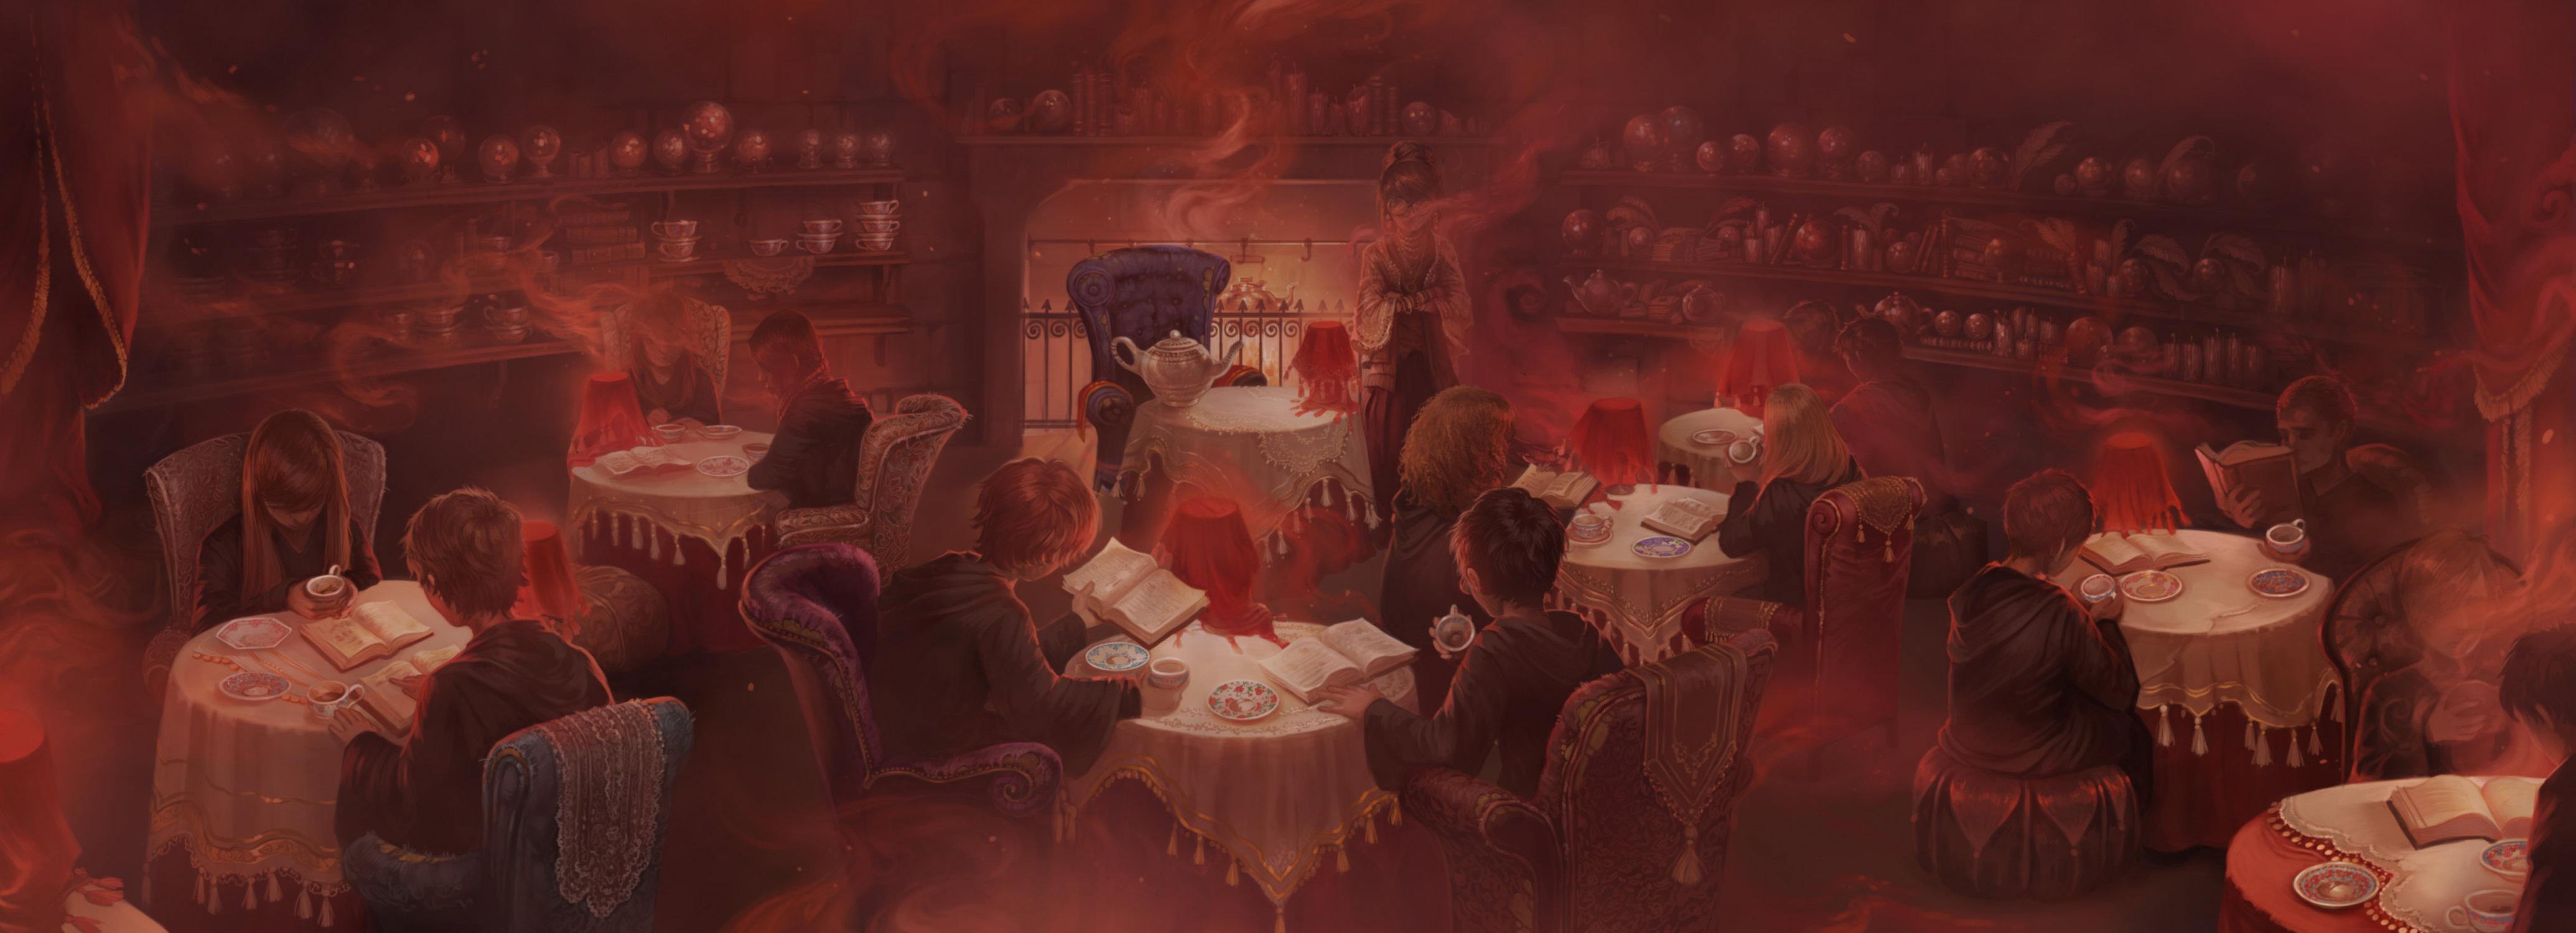 Divination Classroom